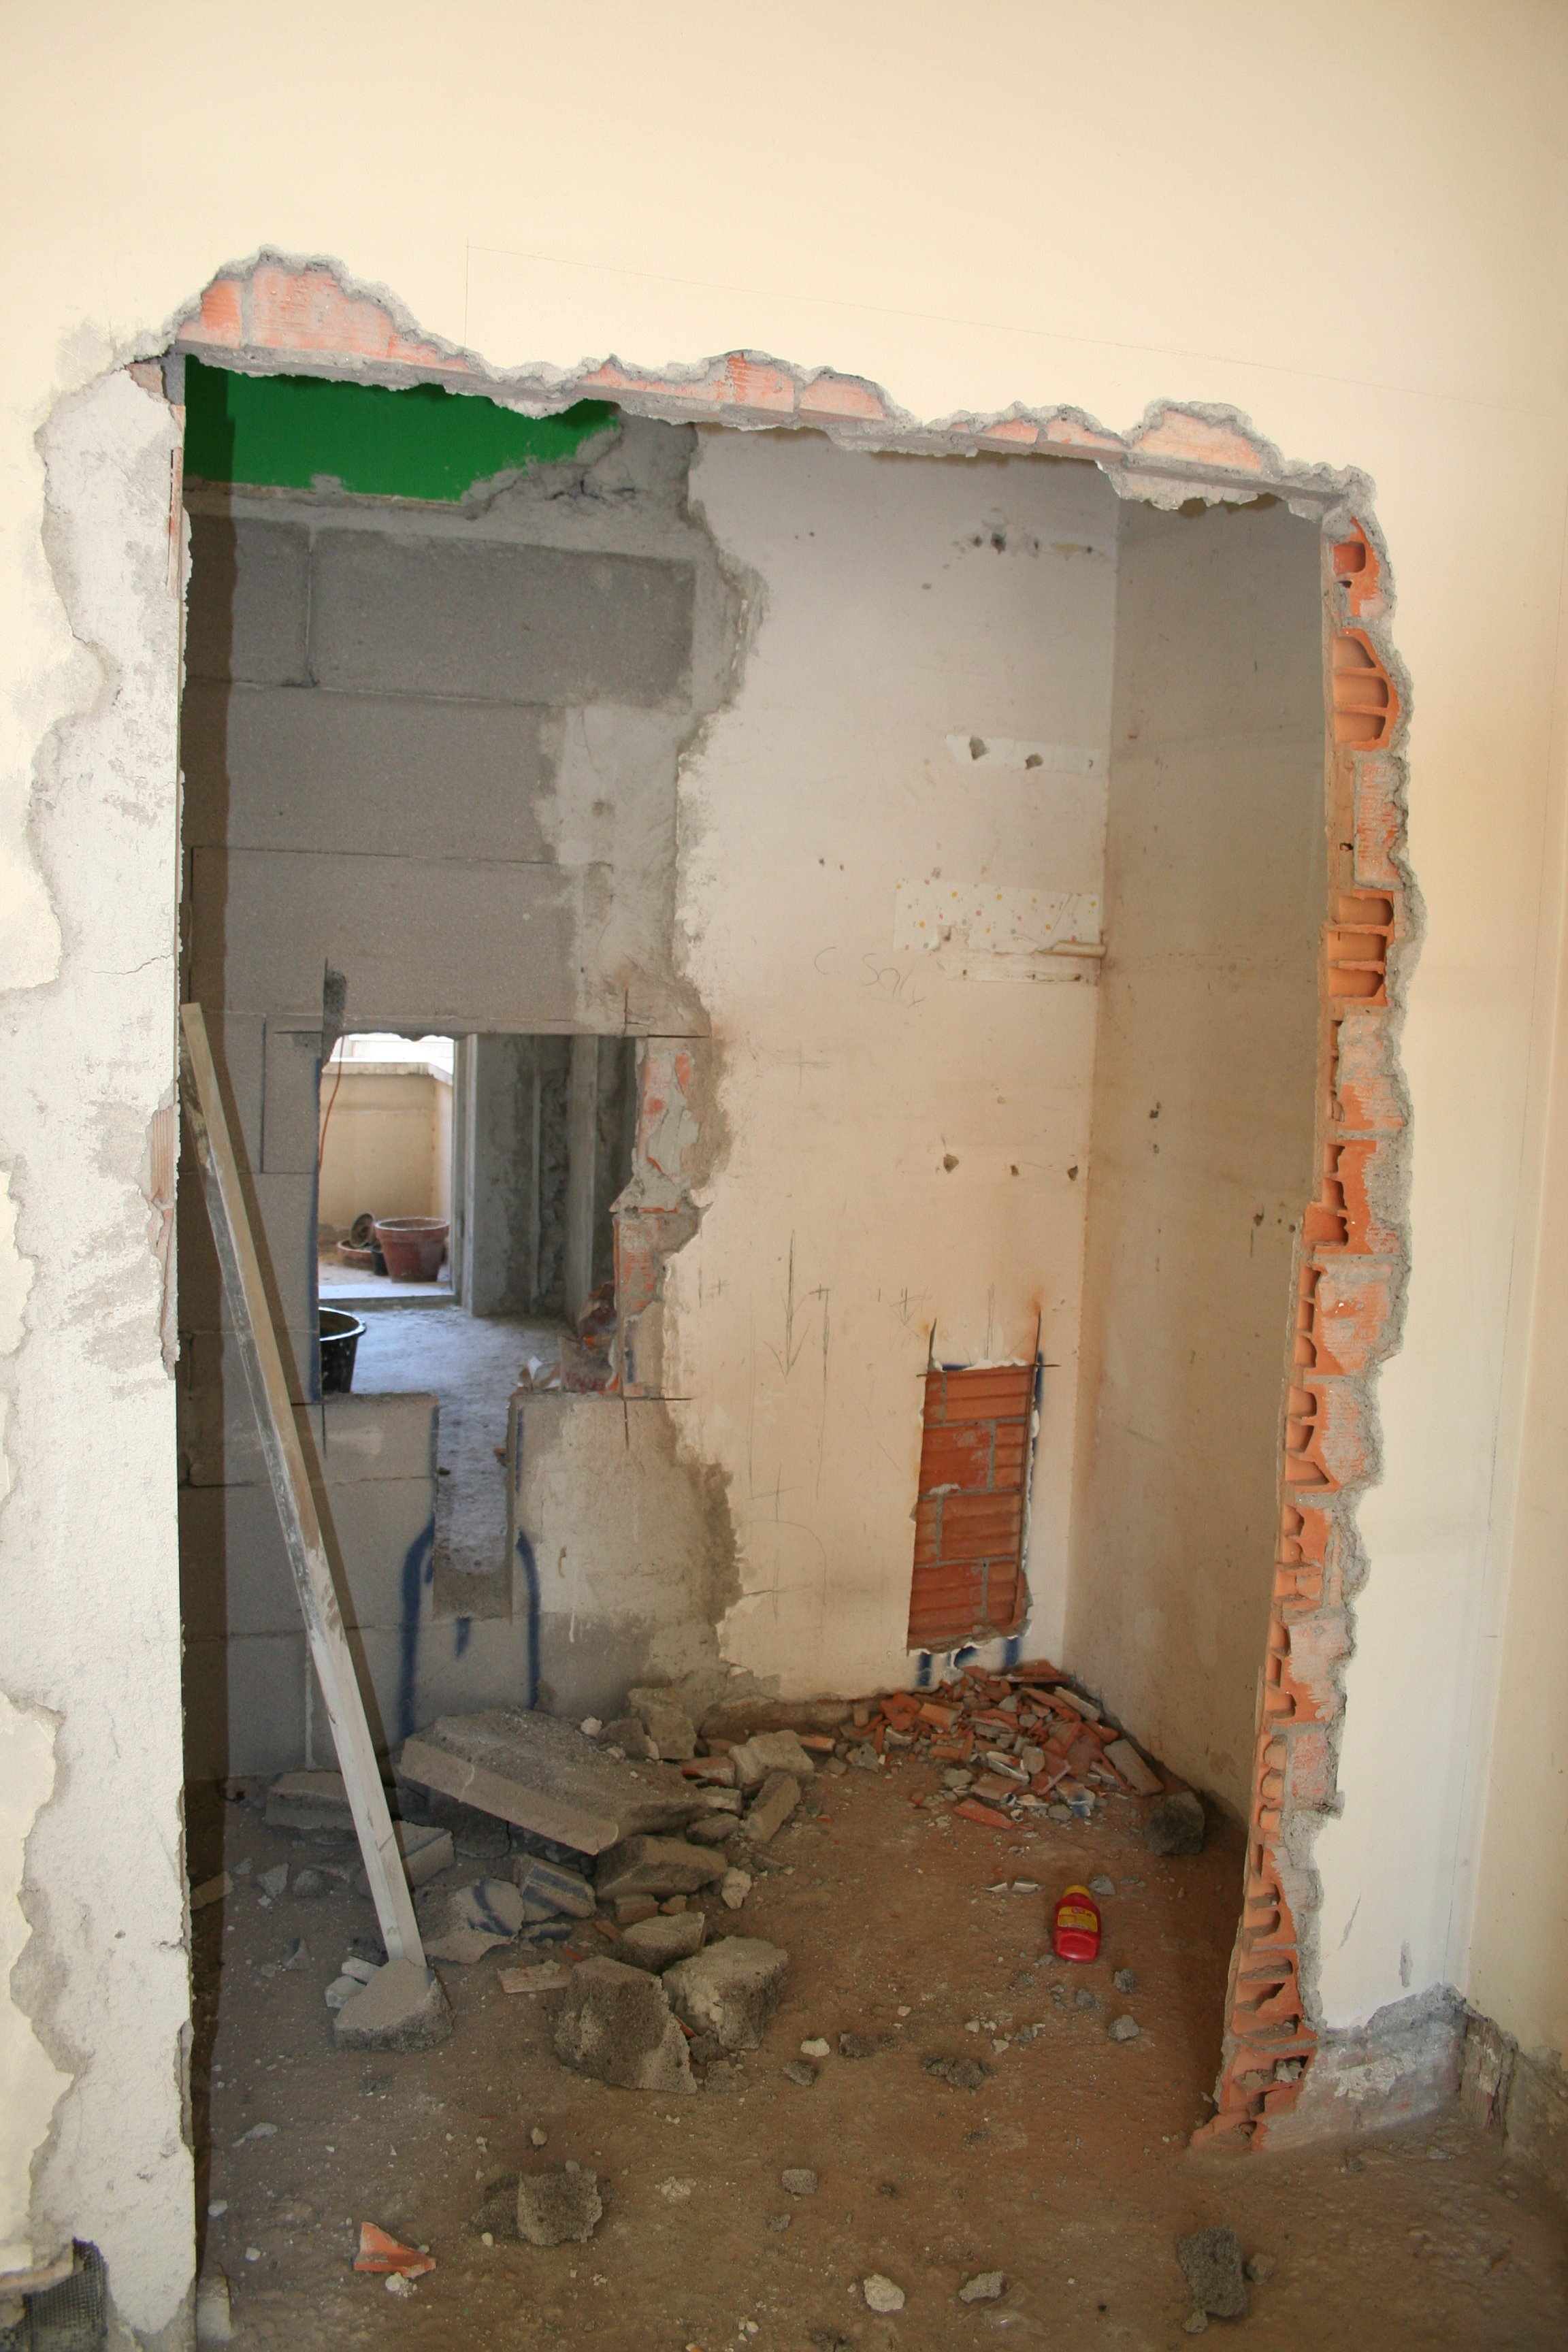 Image: Camera da letto foto 2 vista al interno del bagno